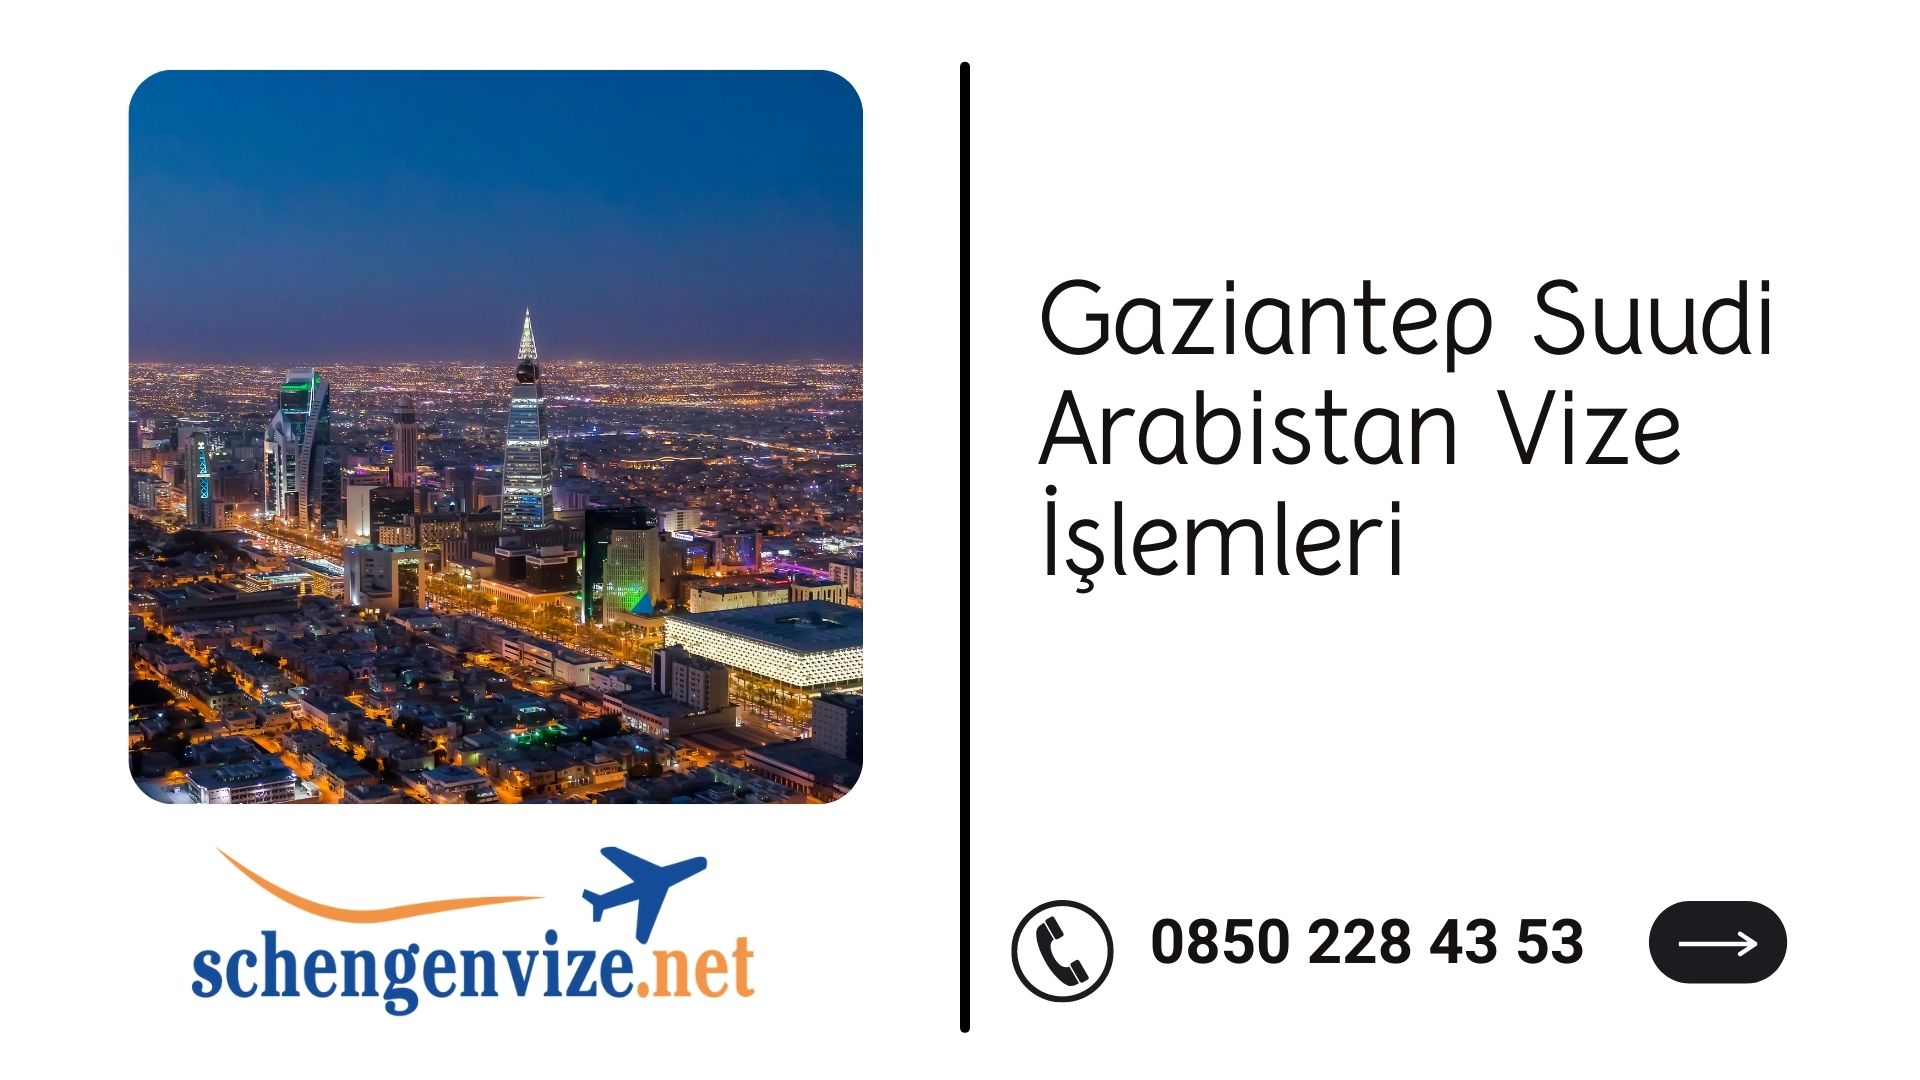 Gaziantep Suudi Arabistan Vize İşlemleri